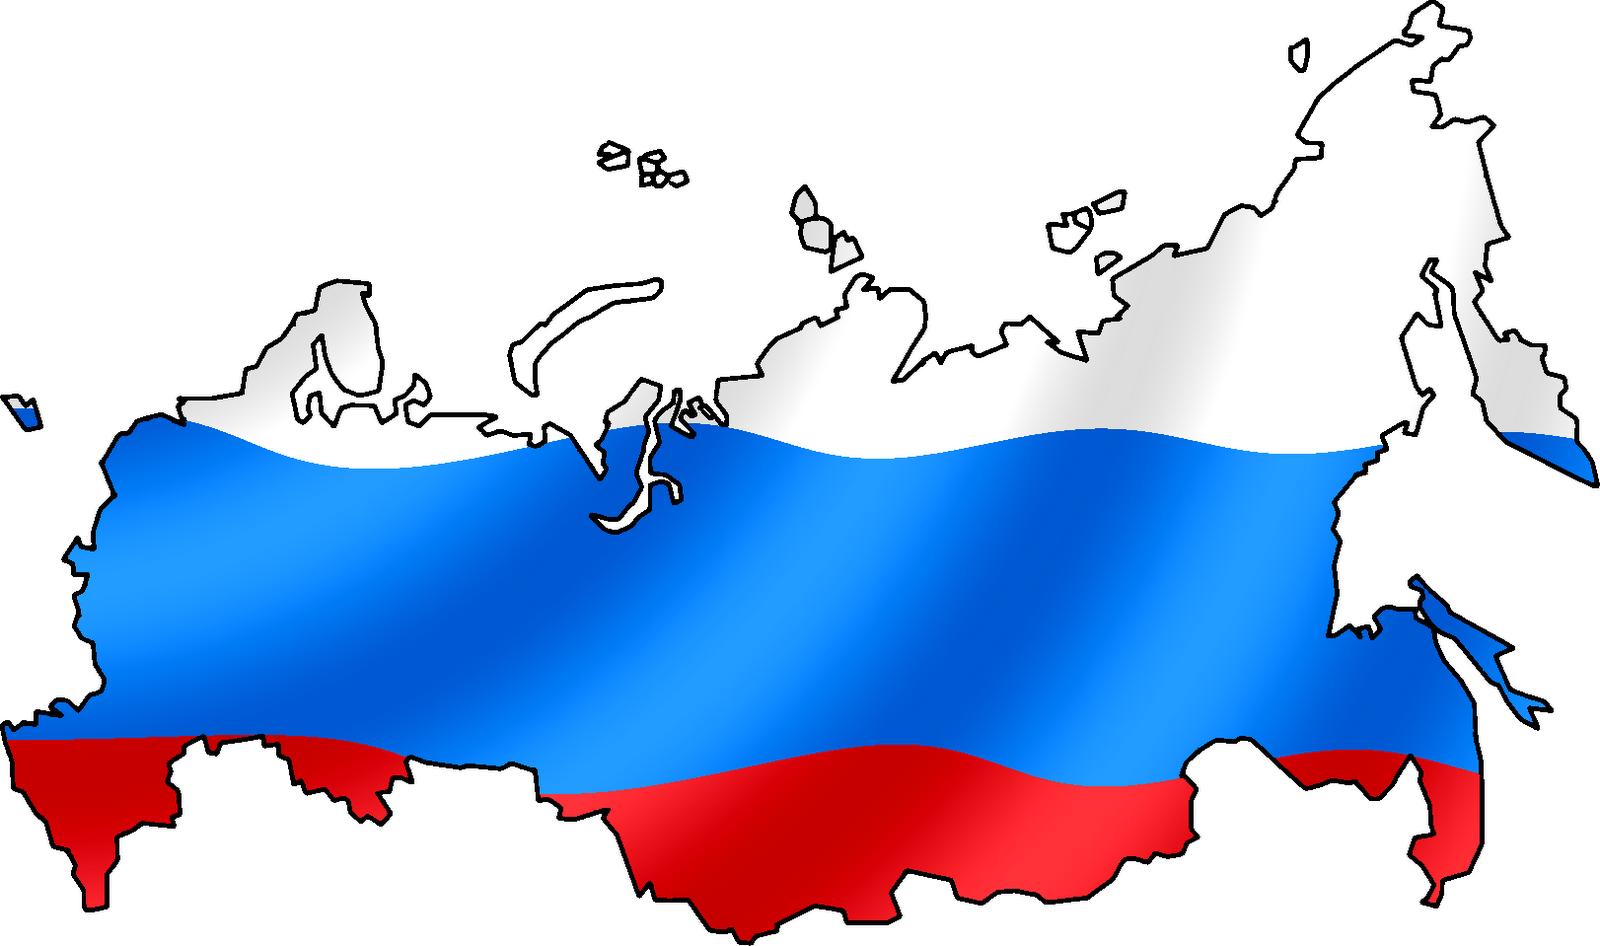 http://4.bp.blogspot.com/-kaoCE2nIlD0/TcWhWgU12II/AAAAAAAAAmY/K9bQR7TKC74/s1600/Flag+Wallpaper+of+Russia+%25282%2529.png